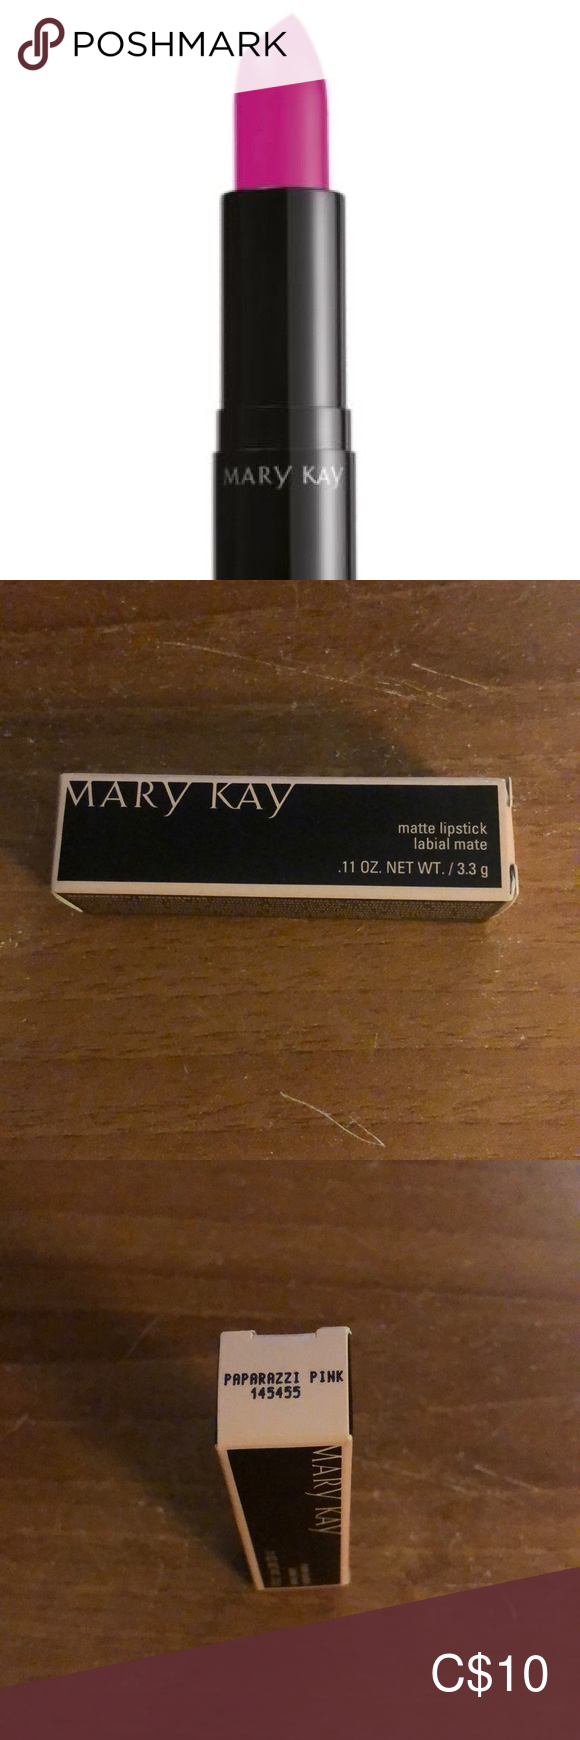 Mary Kay lipstick NWT in 2020 Mary kay lipstick, Mary